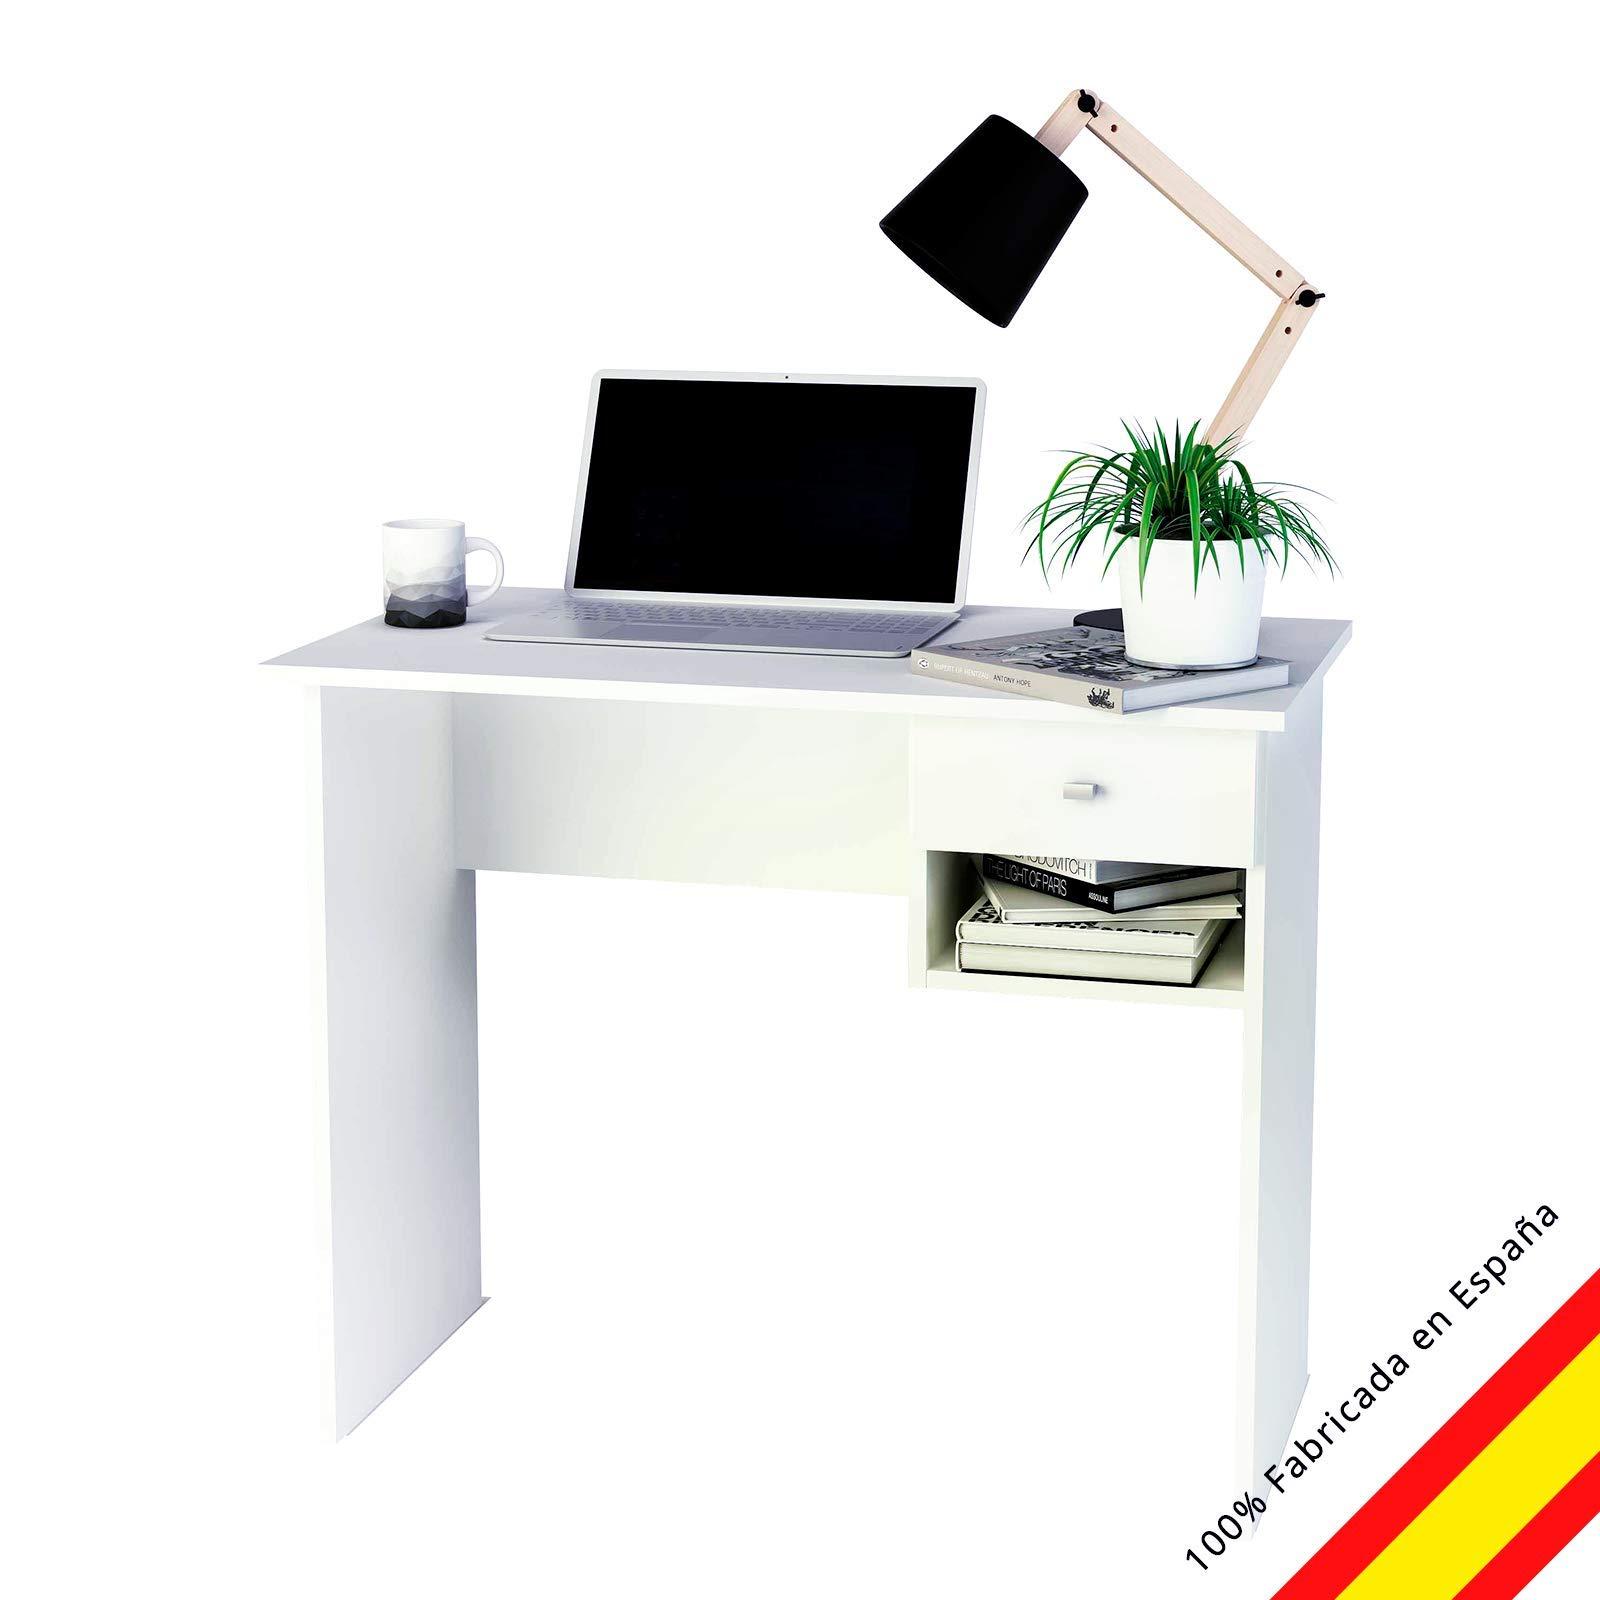 Samblo Hana Mesa de Estudio con un cajón, Madera contrachapada, Blanco, 90 cm